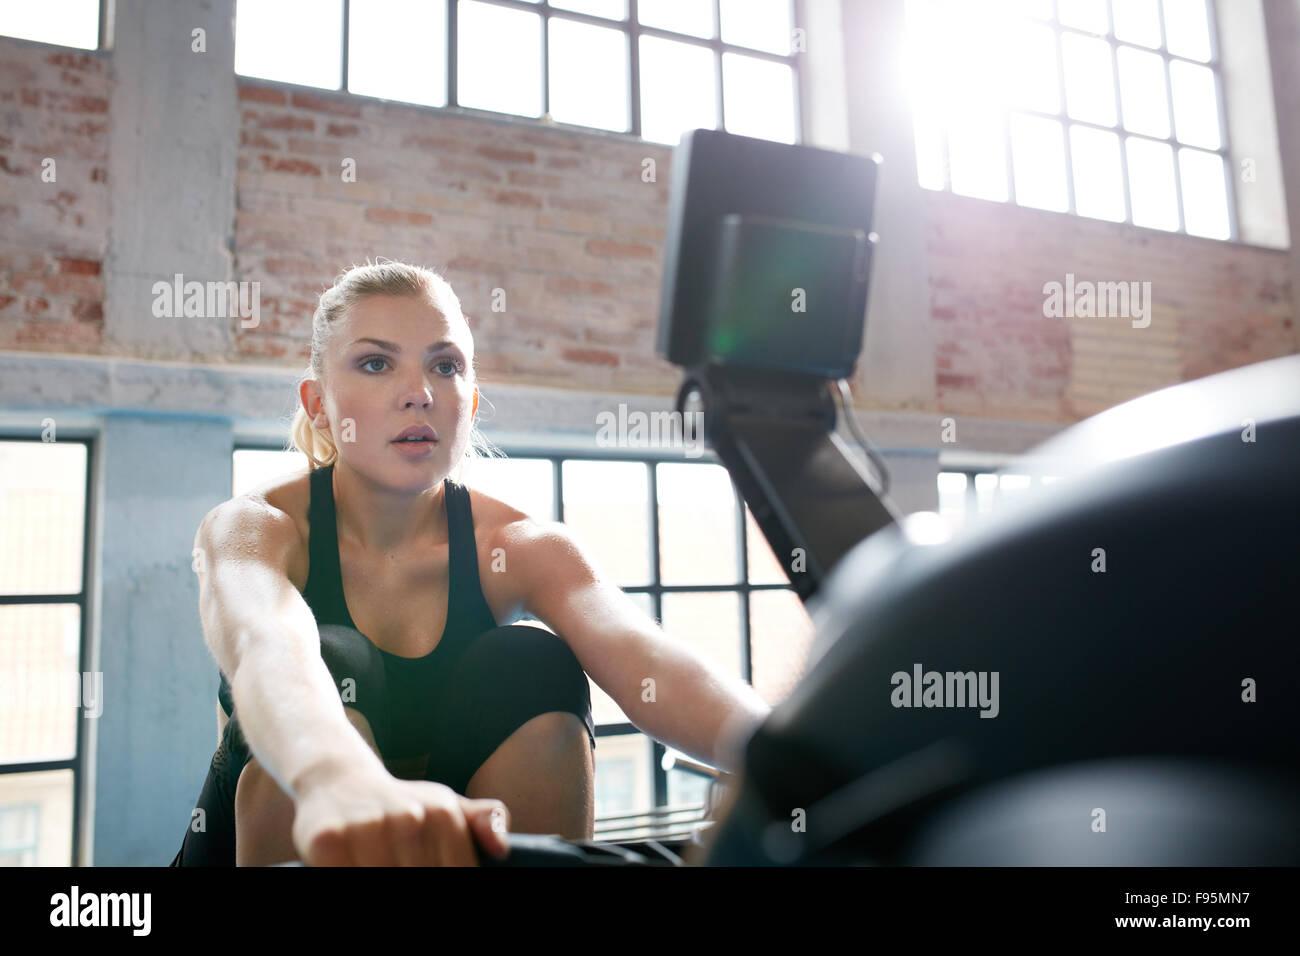 Fit young woman working out sur une machine à ramer dans la salle de sport. Les femmes de race blanche en faisant Photo Stock